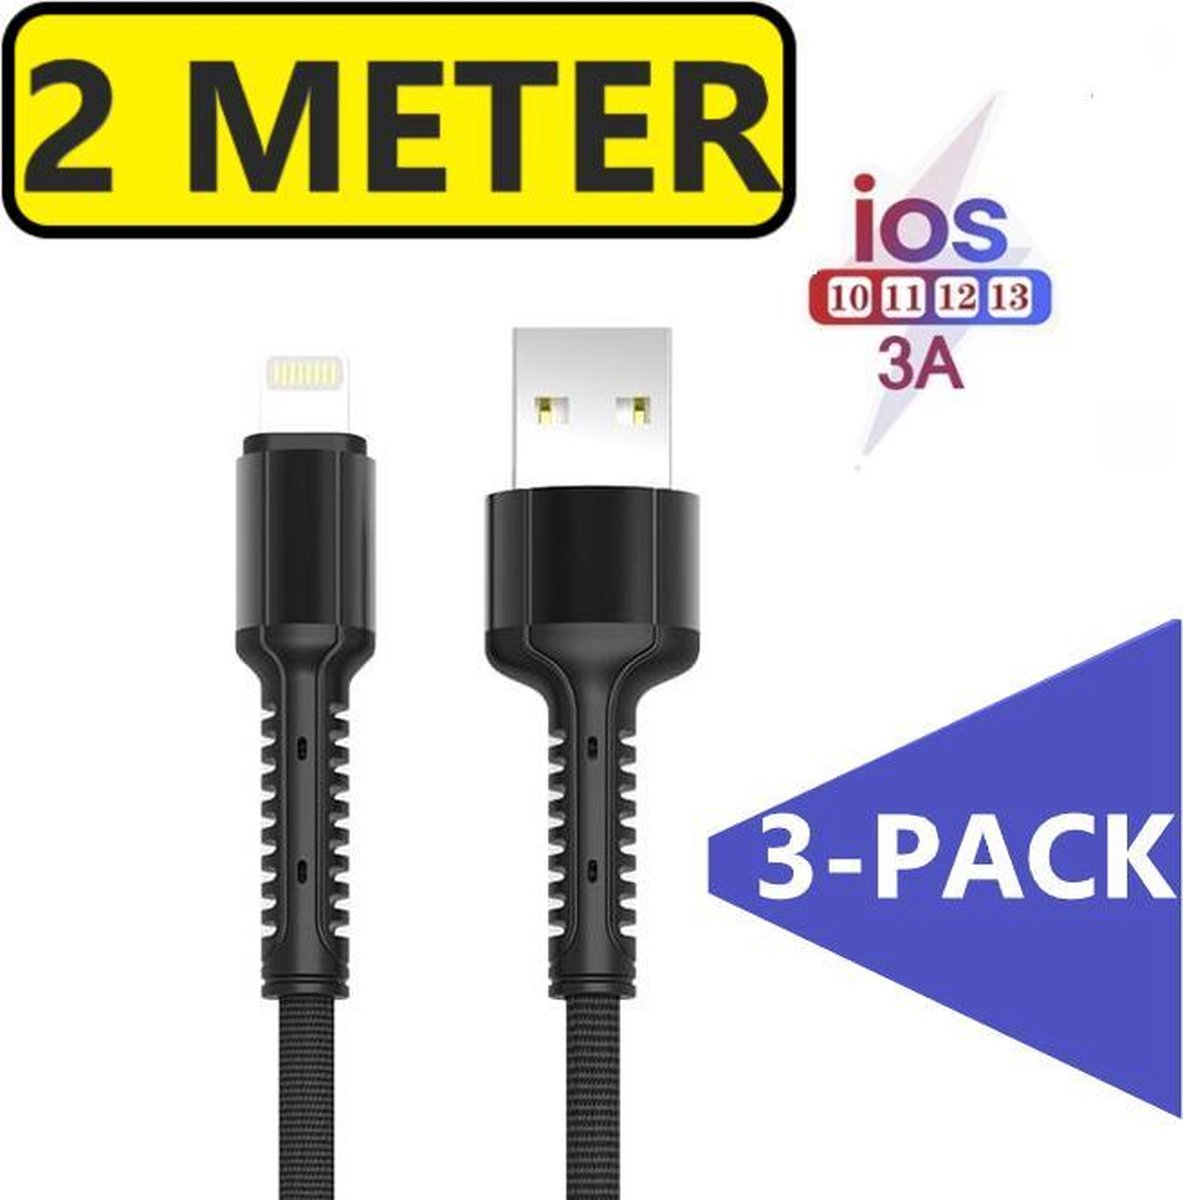 3x iPhone oplader kabel geschikt voor Apple iPhone 6,7,8,X,XS,XR,11,12,Mini,Pro Max- iPhone kabel - iPhone oplaadkabel - iPhone snoertje - iPhone lader